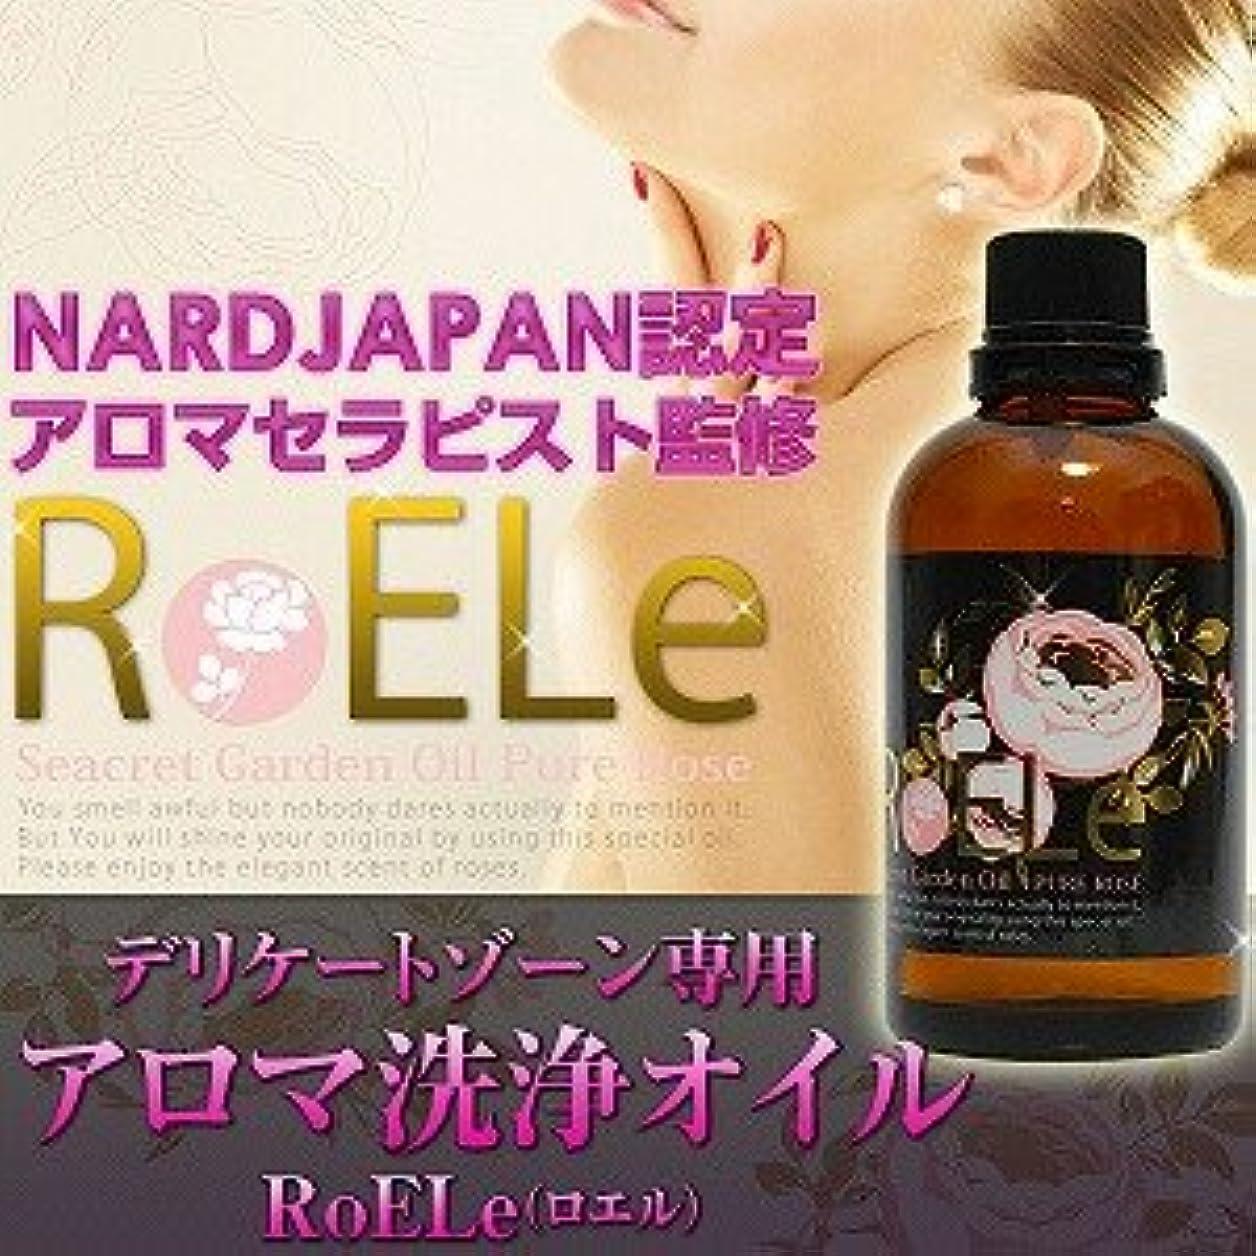 眠る女優モンキーデリケートゾーン専用、アロマ洗浄オイル『RoELe(ロエル)』